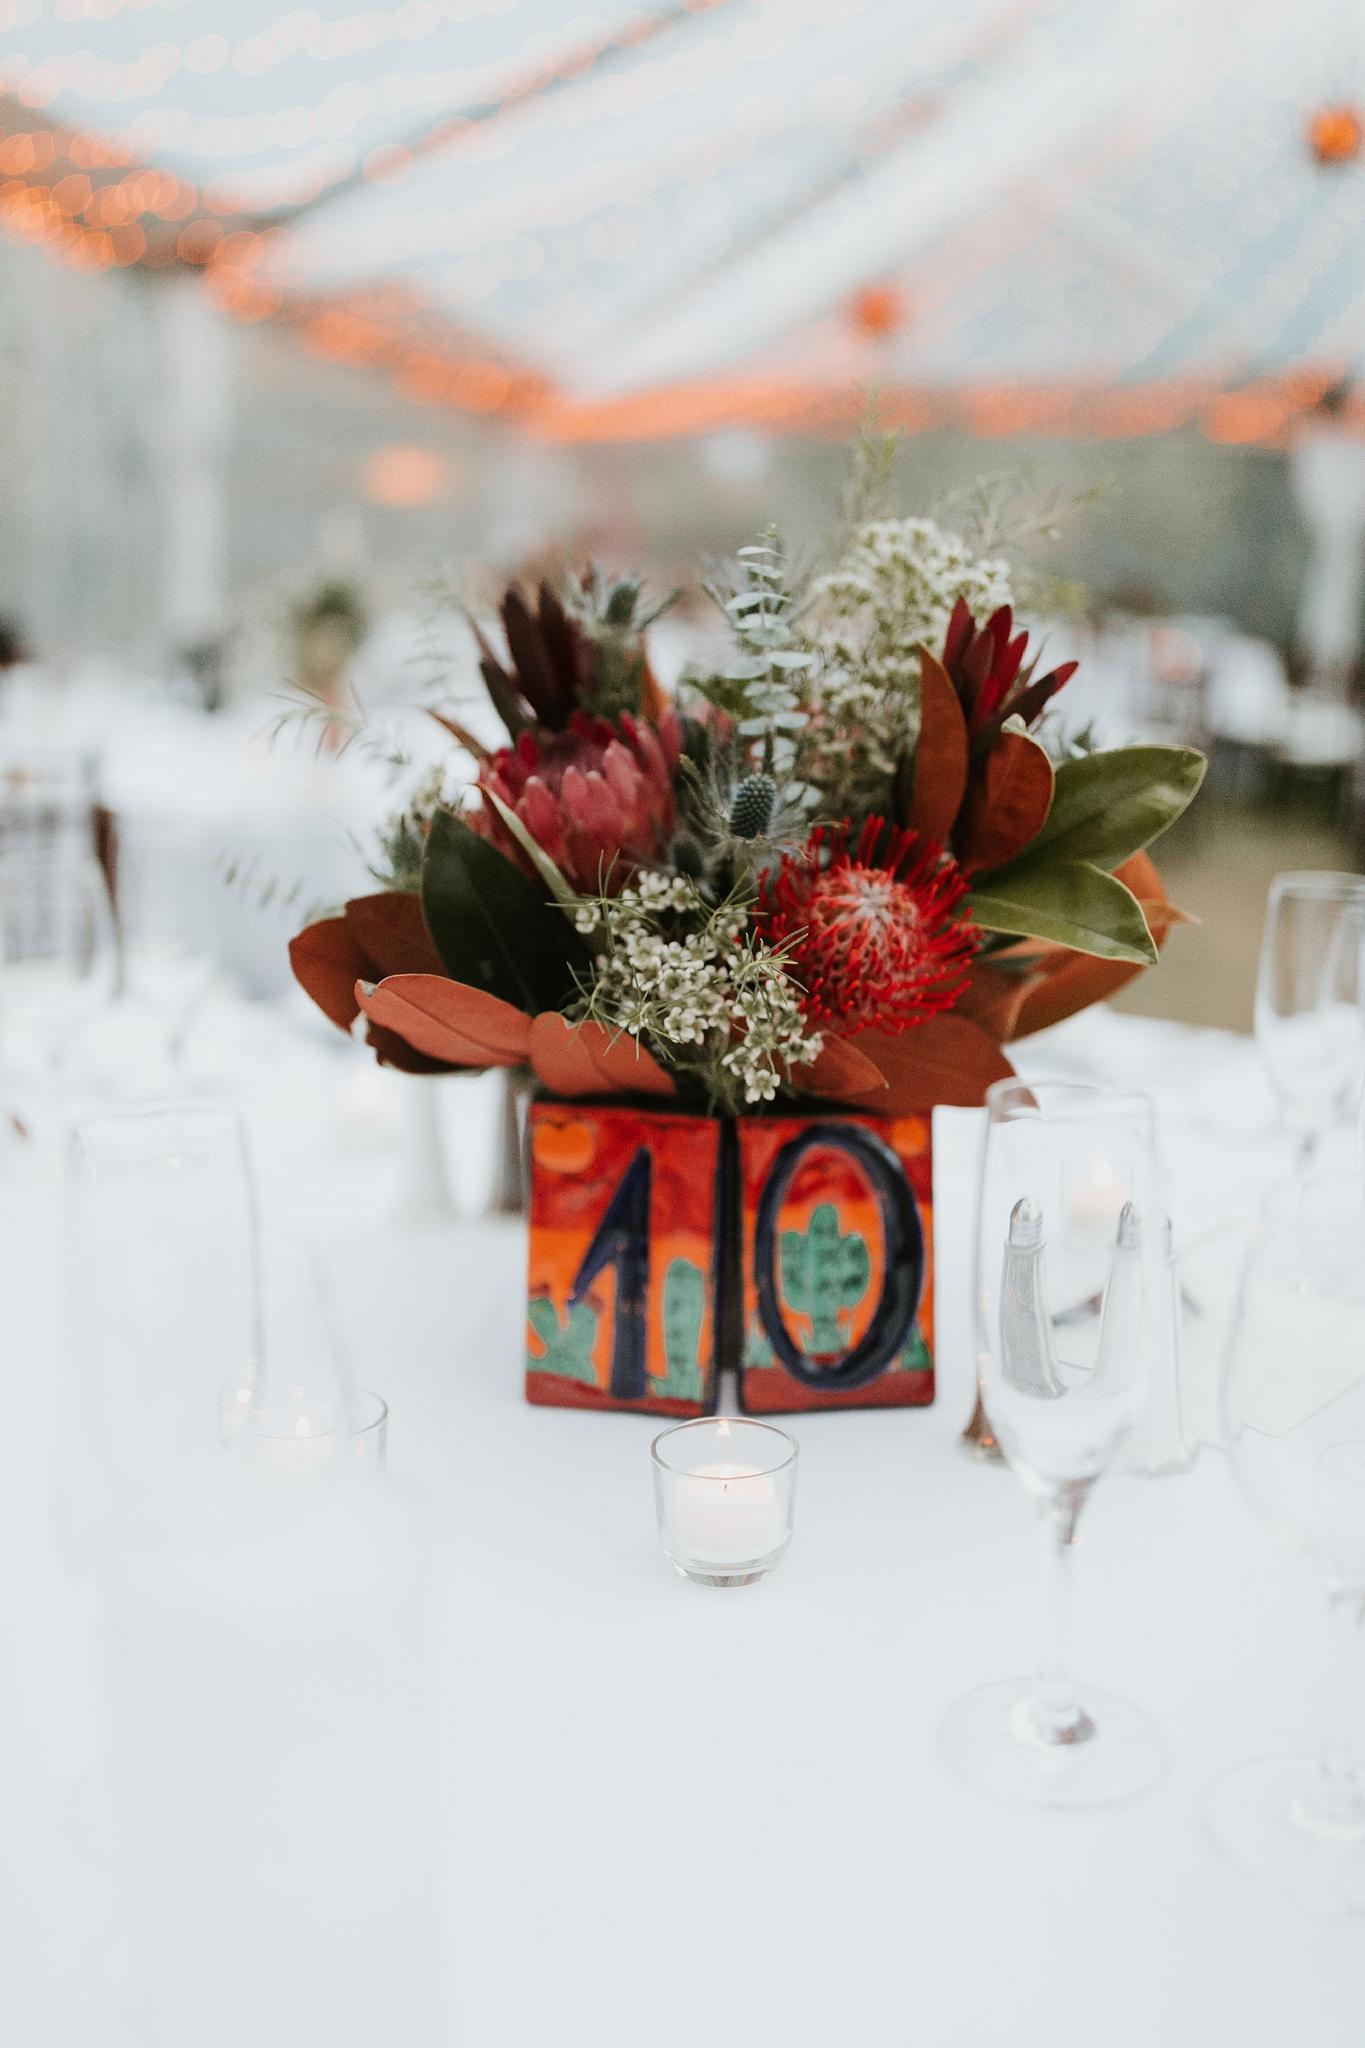 Alicia+lucia+photography+-+albuquerque+wedding+photographer+-+santa+fe+wedding+photography+-+new+mexico+wedding+photographer+-+new+mexico+wedding+-+new+mexico+wedding+-+wedding+florals+-+desert+wedding+-+wedding+trends_0016.jpg